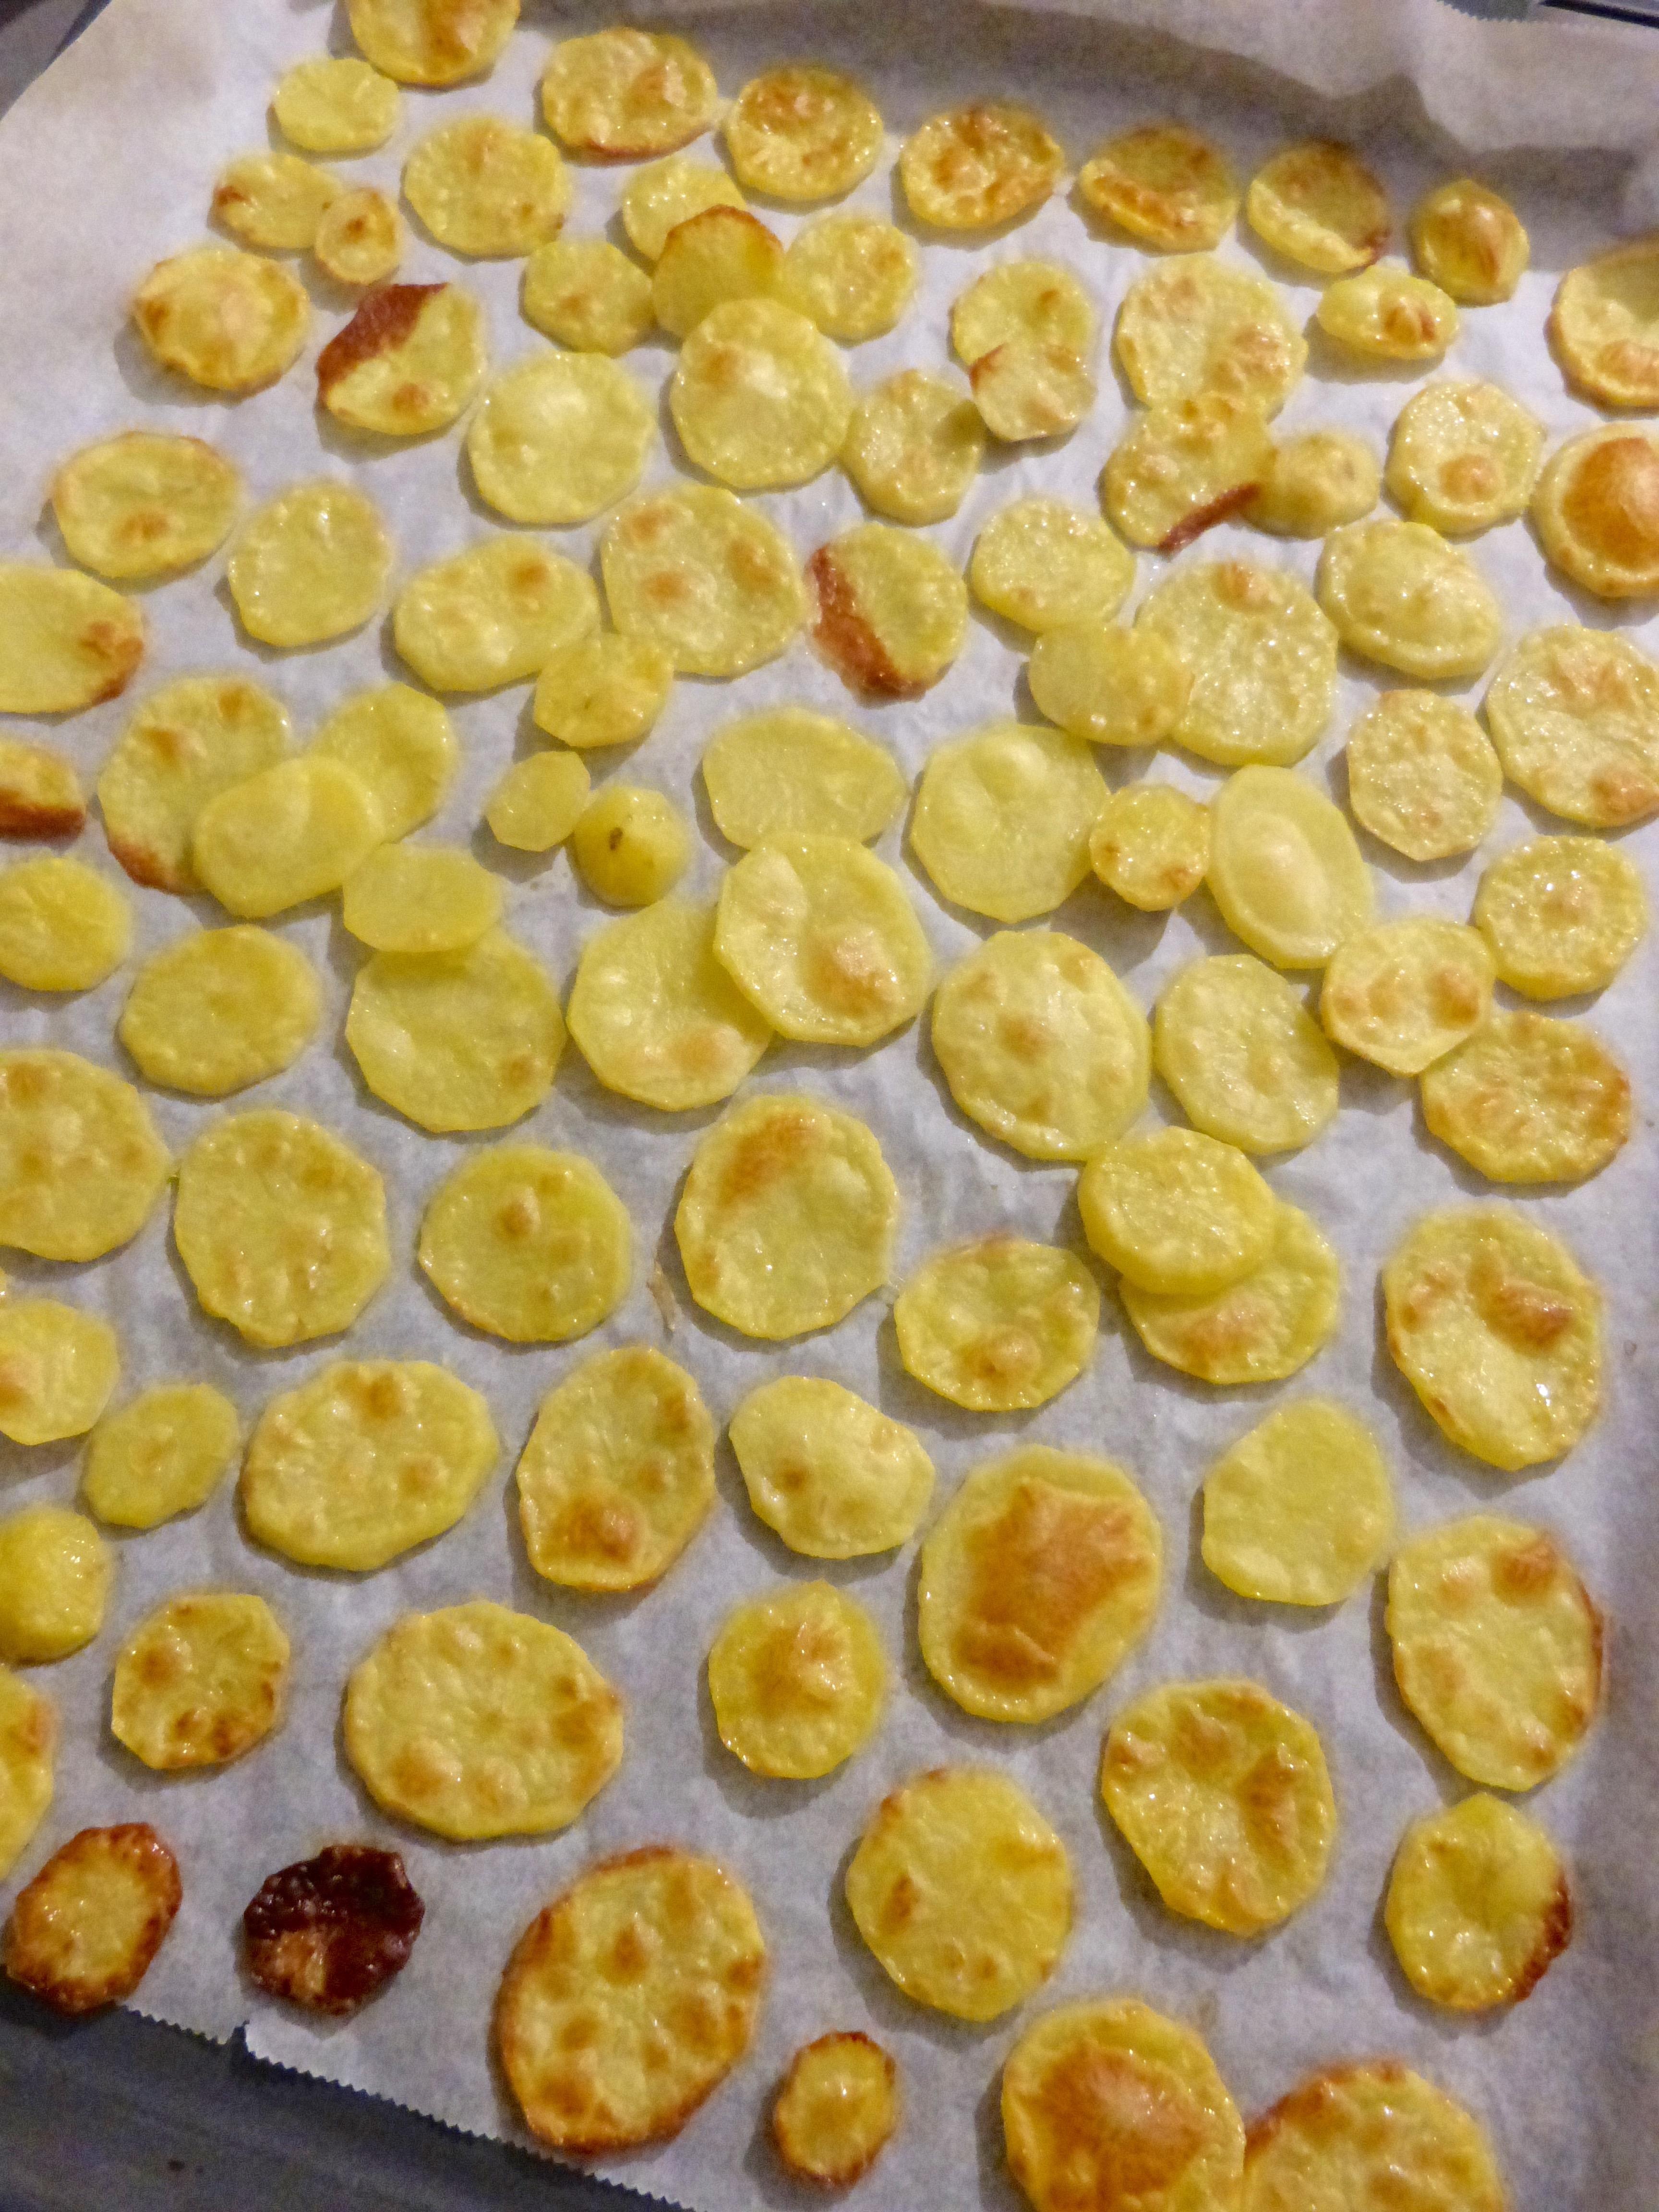 Chips de pommes de terre croustillantes au four un petit oiseau dans la cuisine - Chips fait maison au four ...